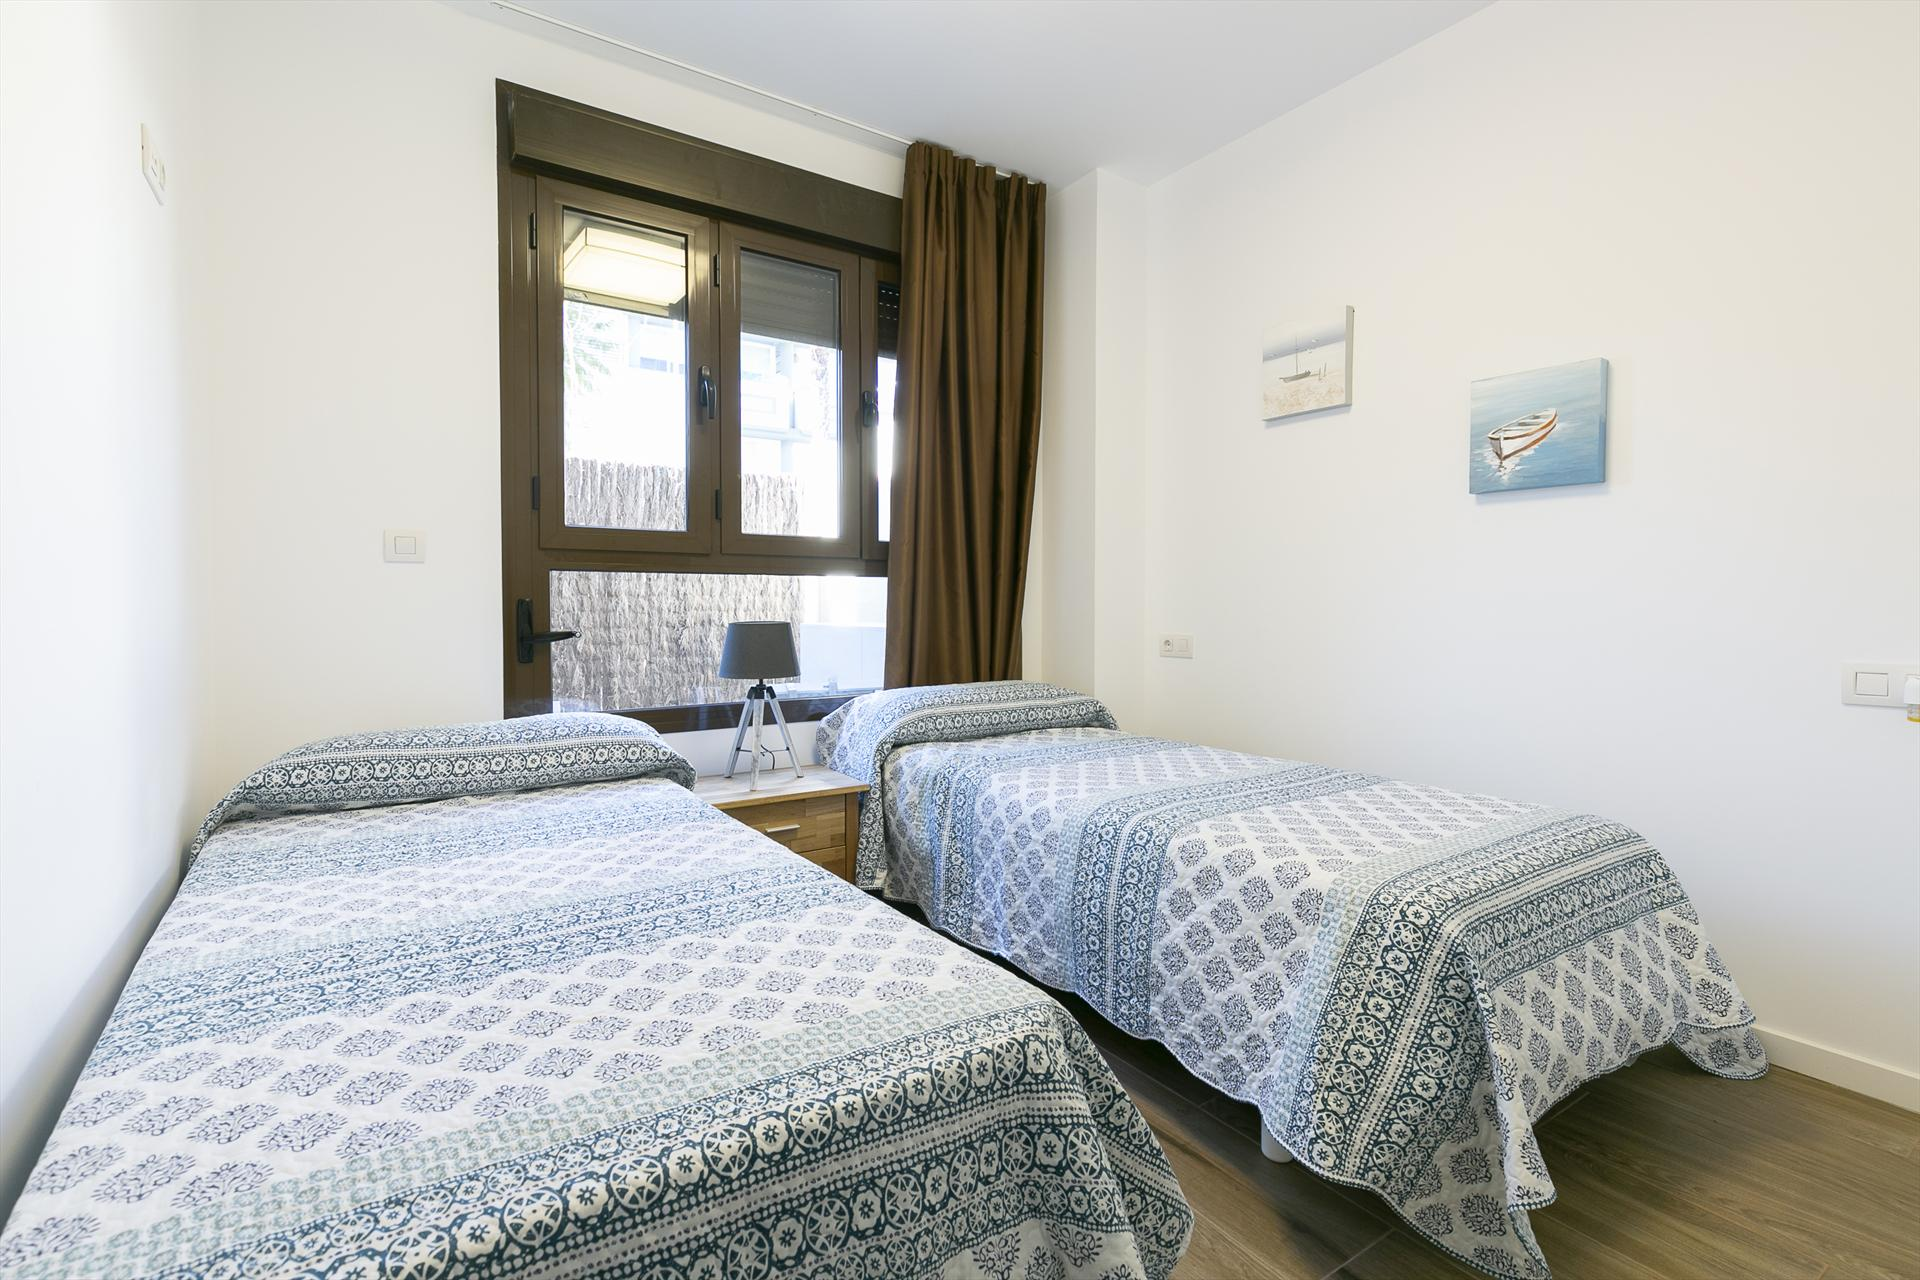 Alquiler vacacional Jávea – Quality Rent A Villa